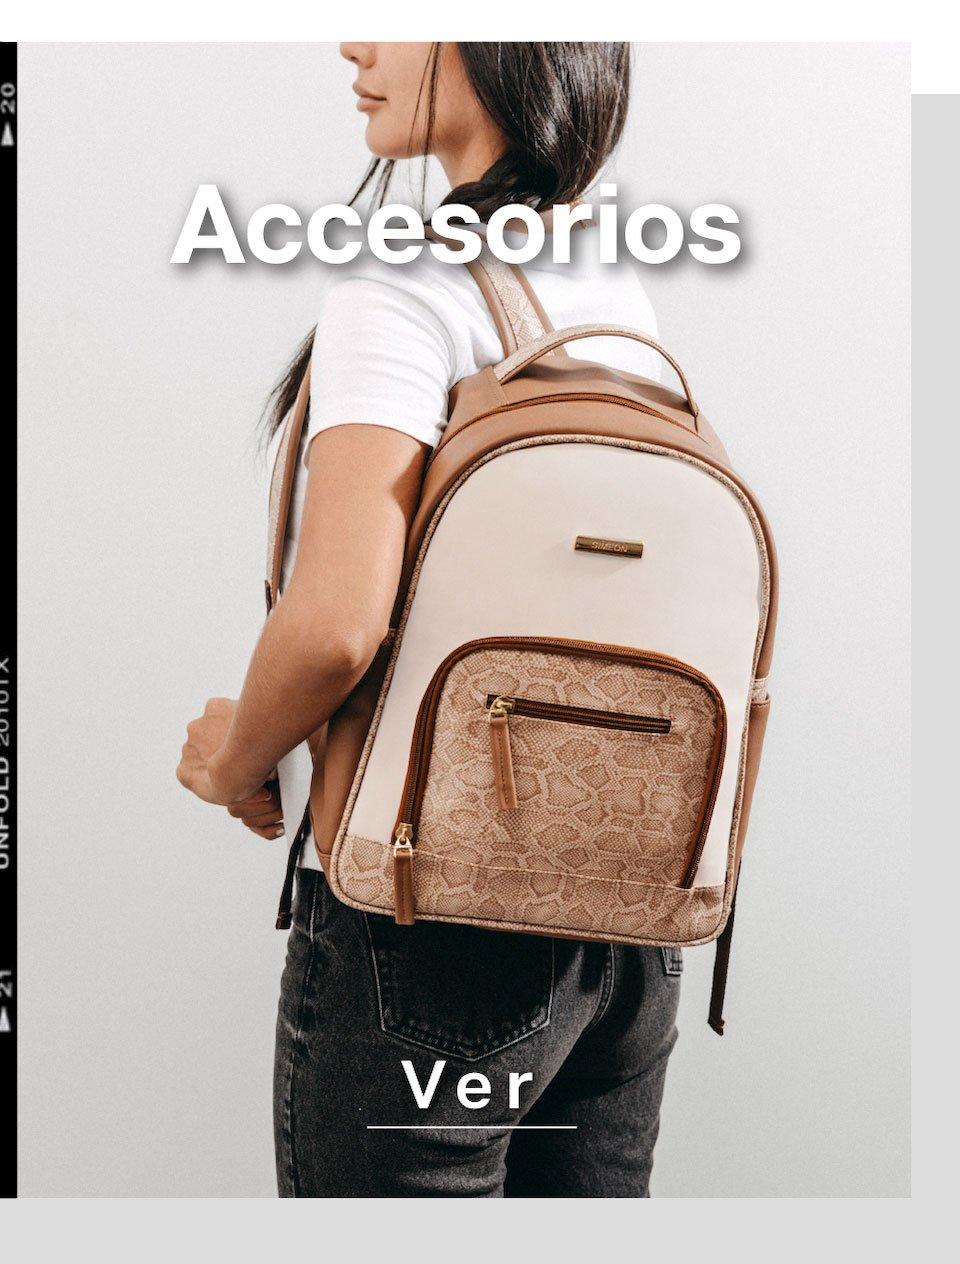 04-Accesorios-Ellas